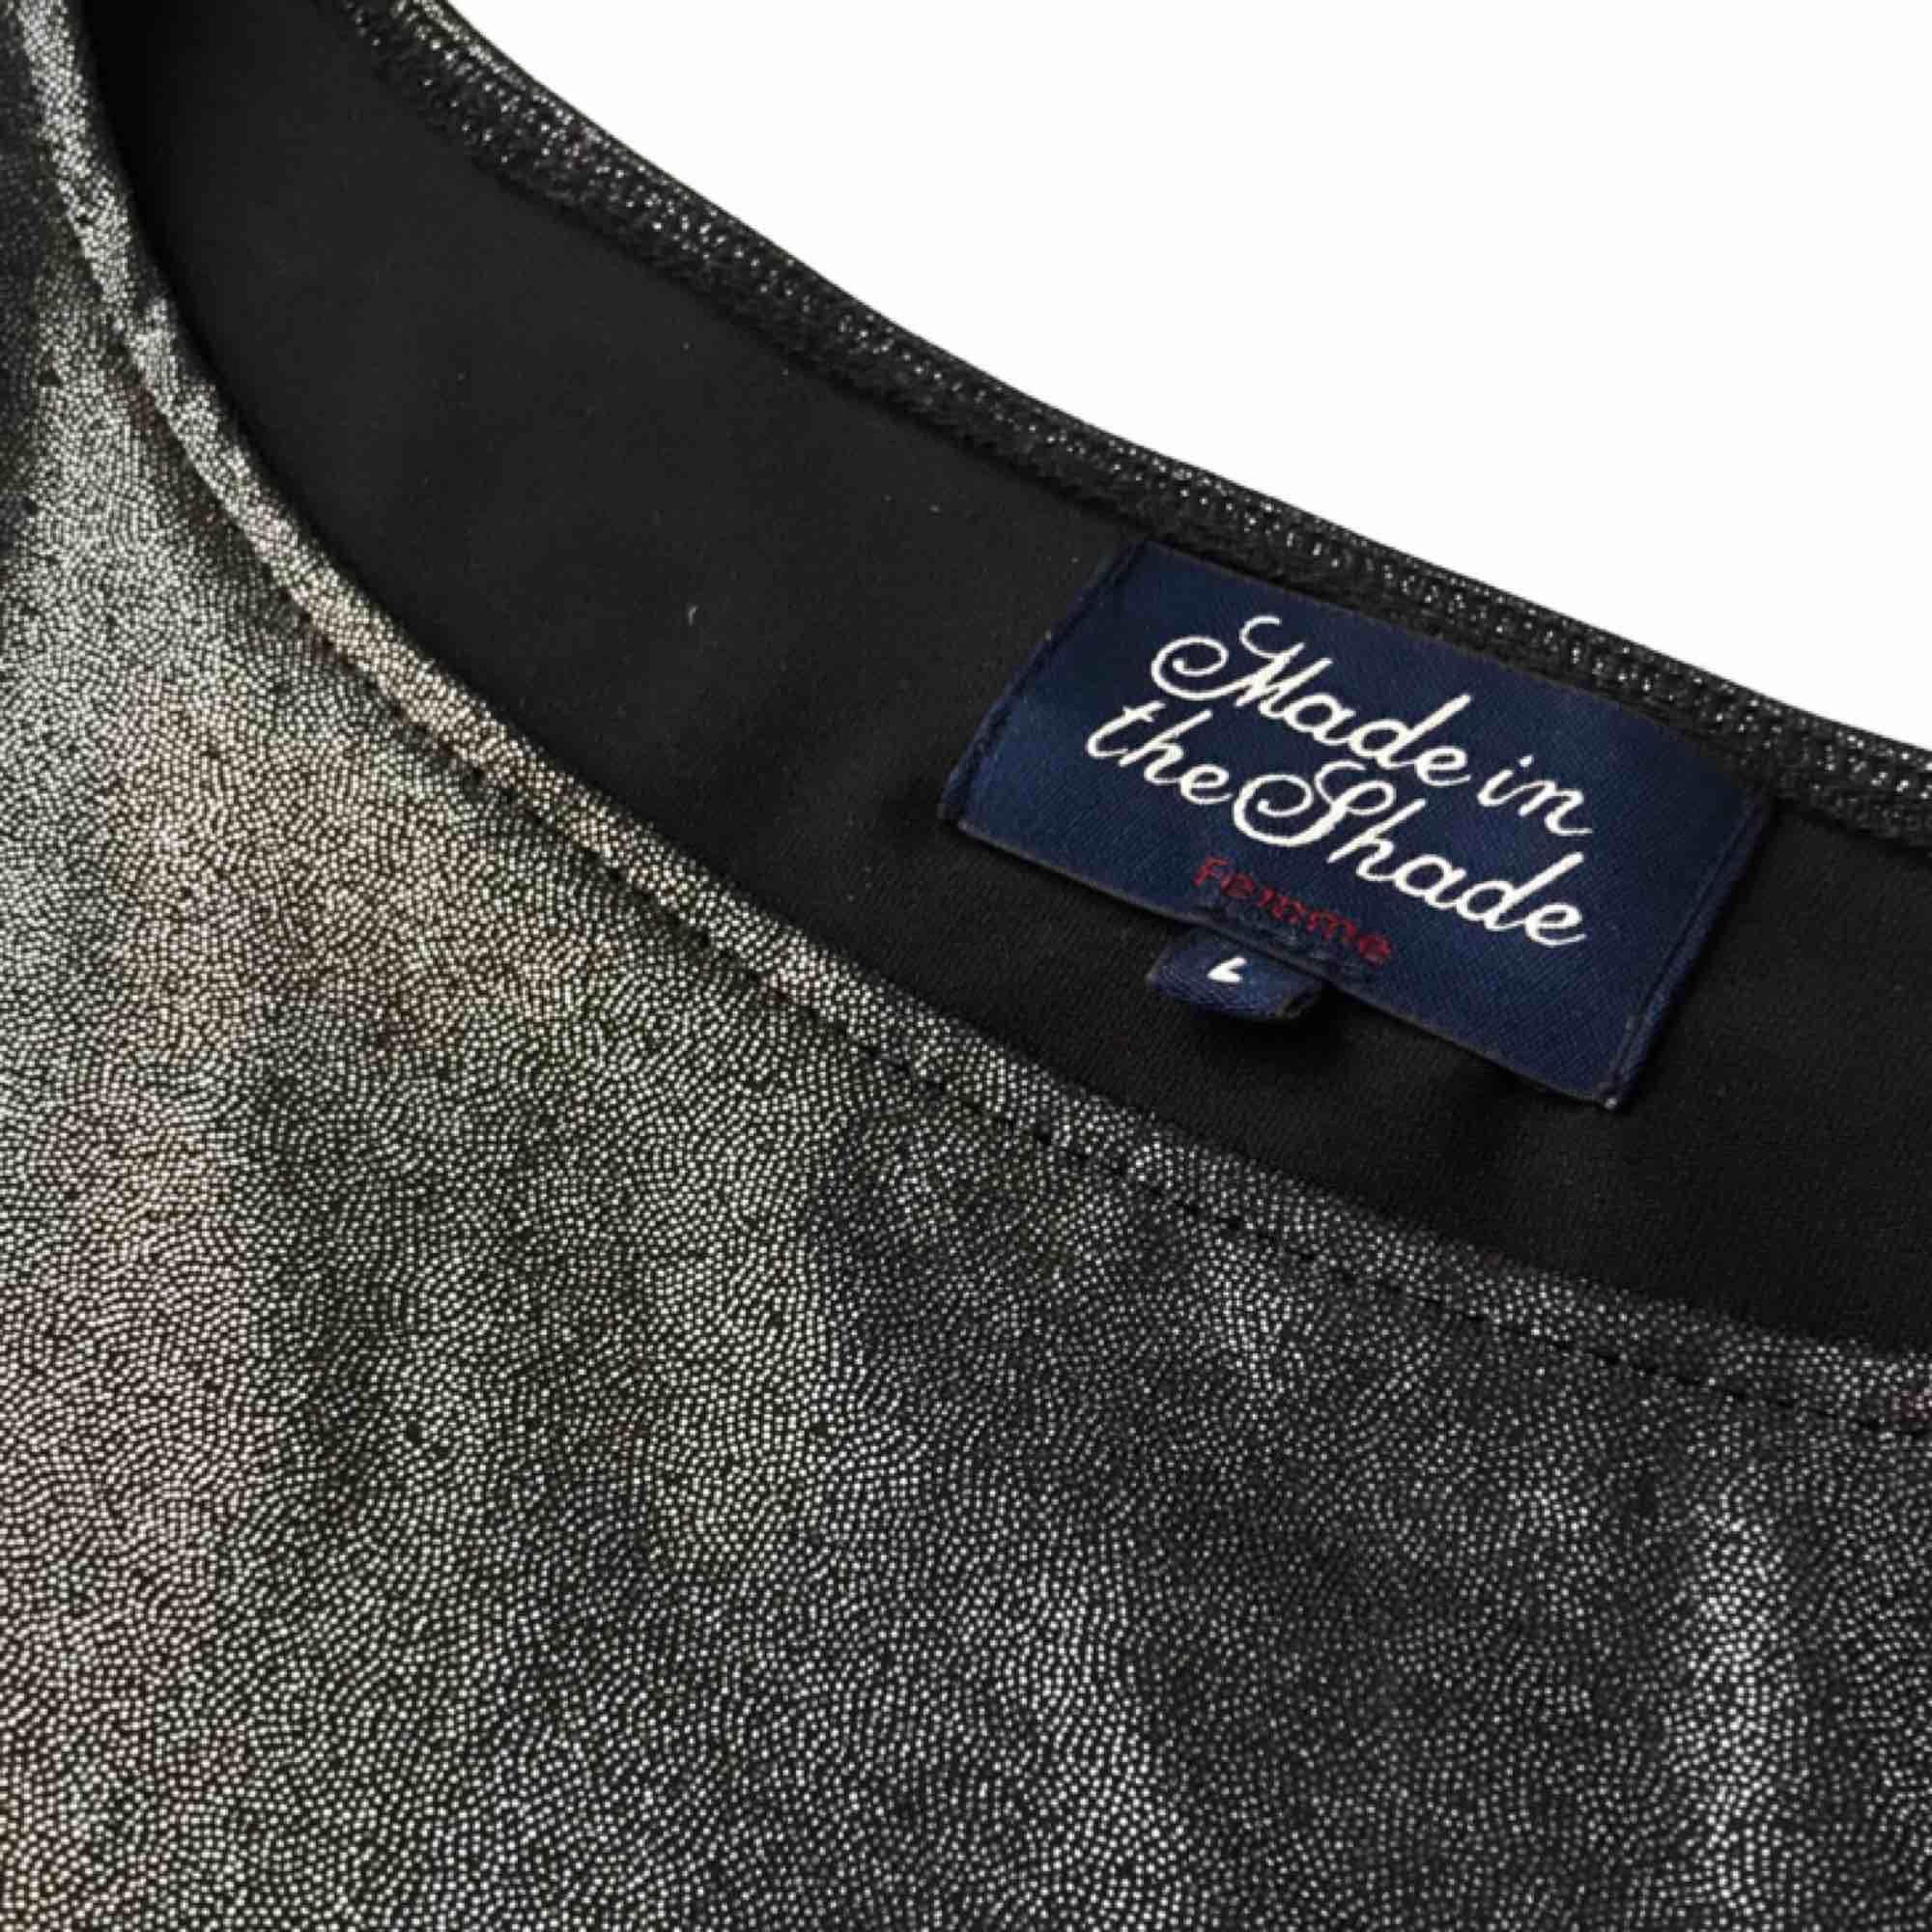 Rak klänning från Made in The Shade. Glansig/glittrig klänning som är använd 1 gång. Färgerna skiftar i blått/grönt/grått/lila beroende på ljus. Mycket gott skick. . Klänningar.